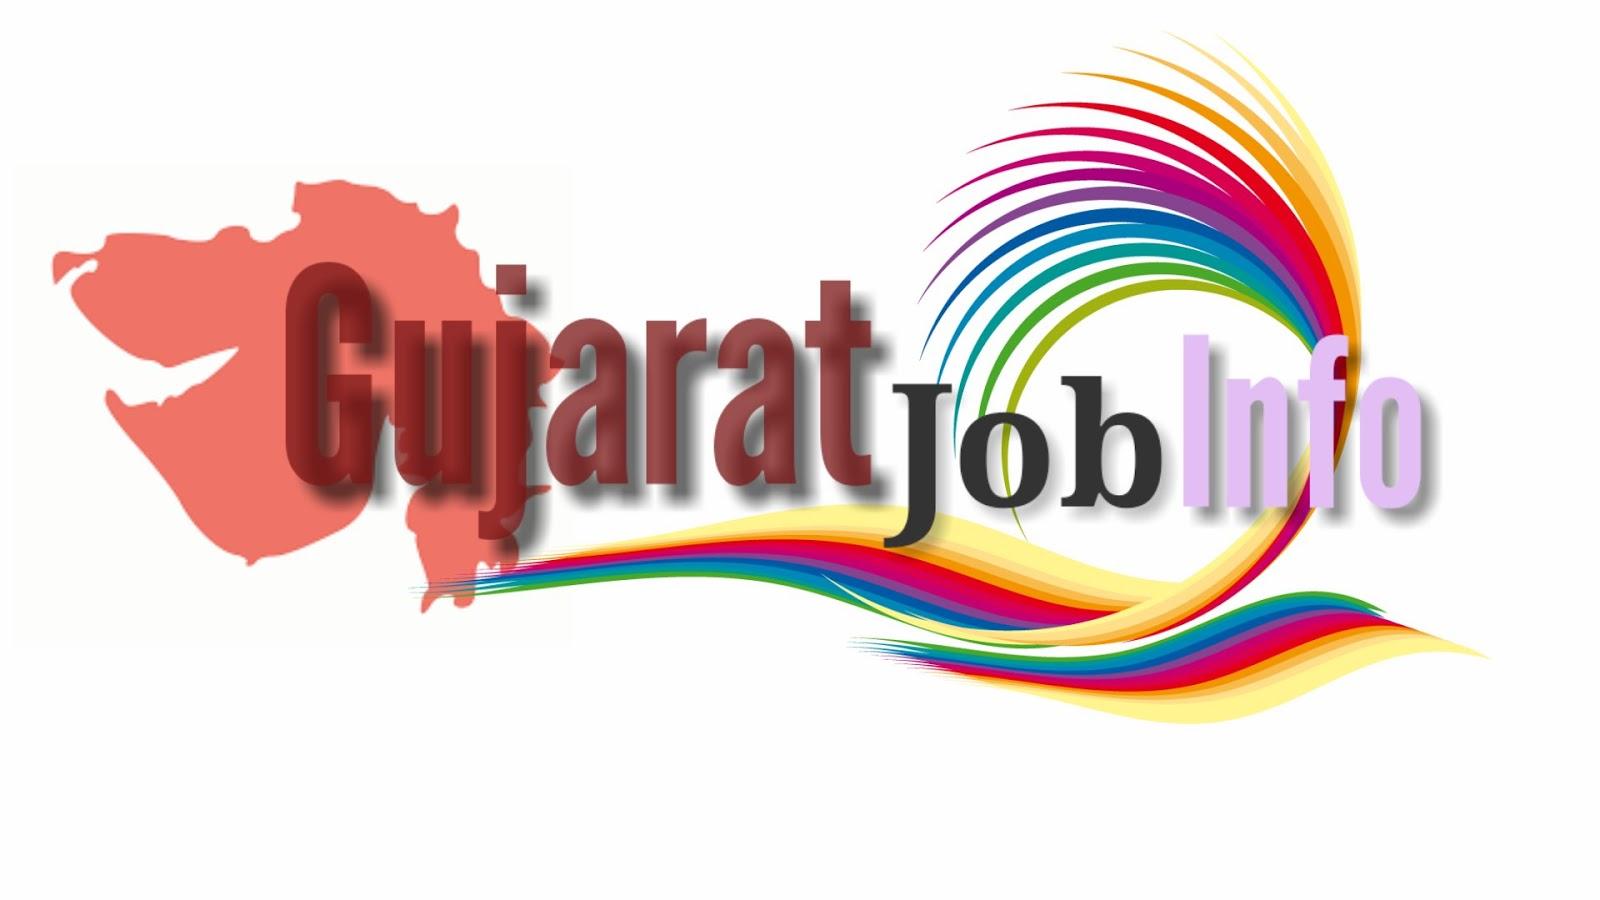 About gujarat job info website.